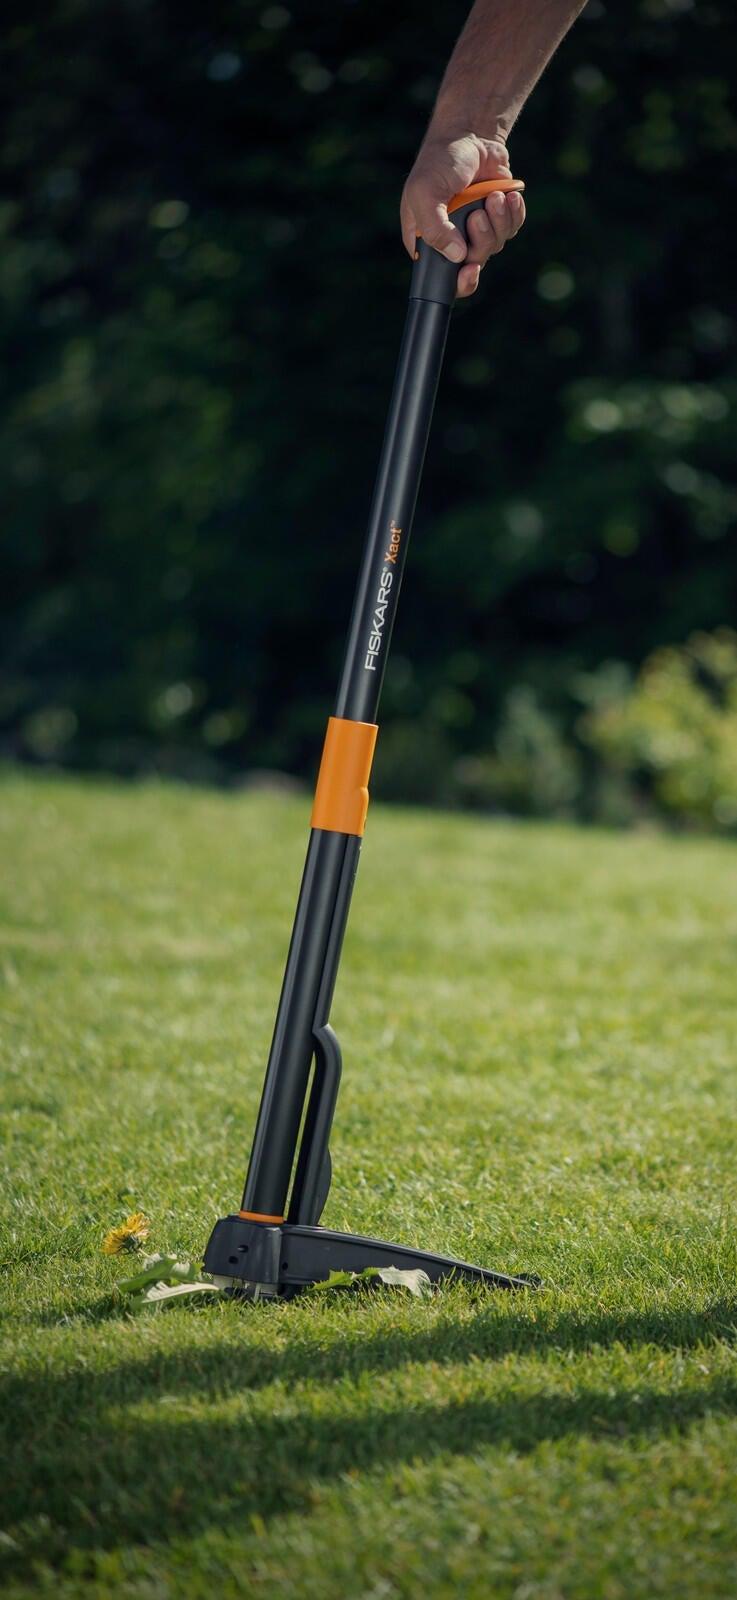 Estirpatore FISKARS manico in fibra di vetro L 0.998 m - 5